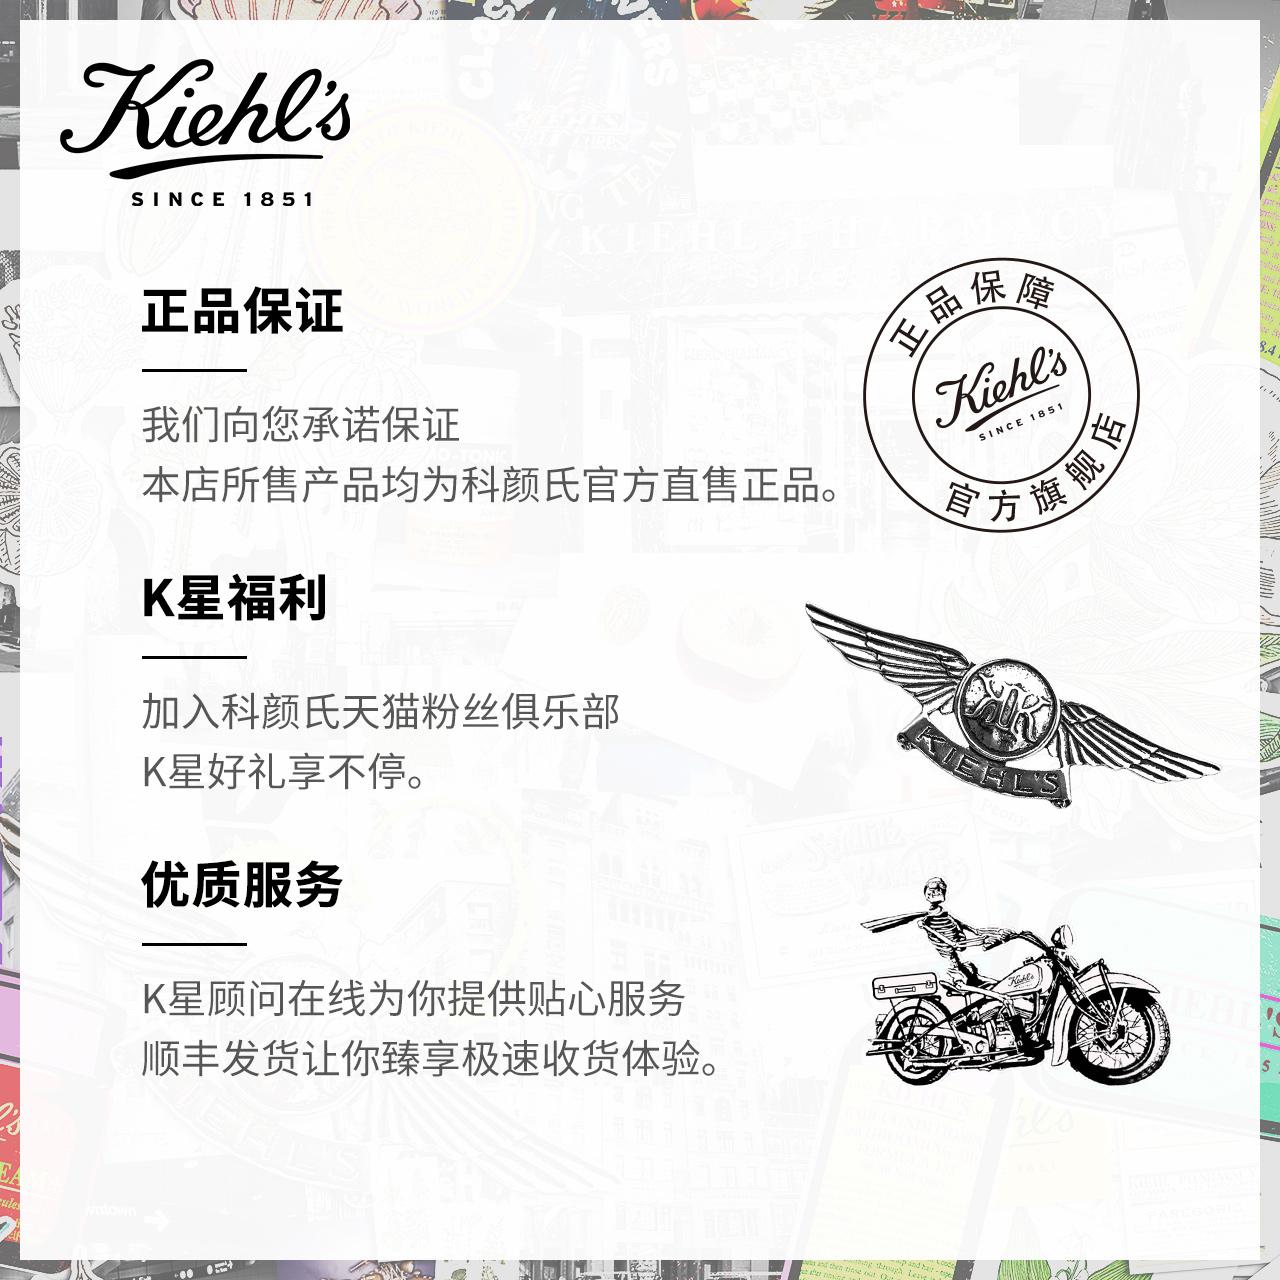 kiehls科颜氏氨基椰香洗发啫喱+氨基椰香护发乳液 蓬弹柔顺